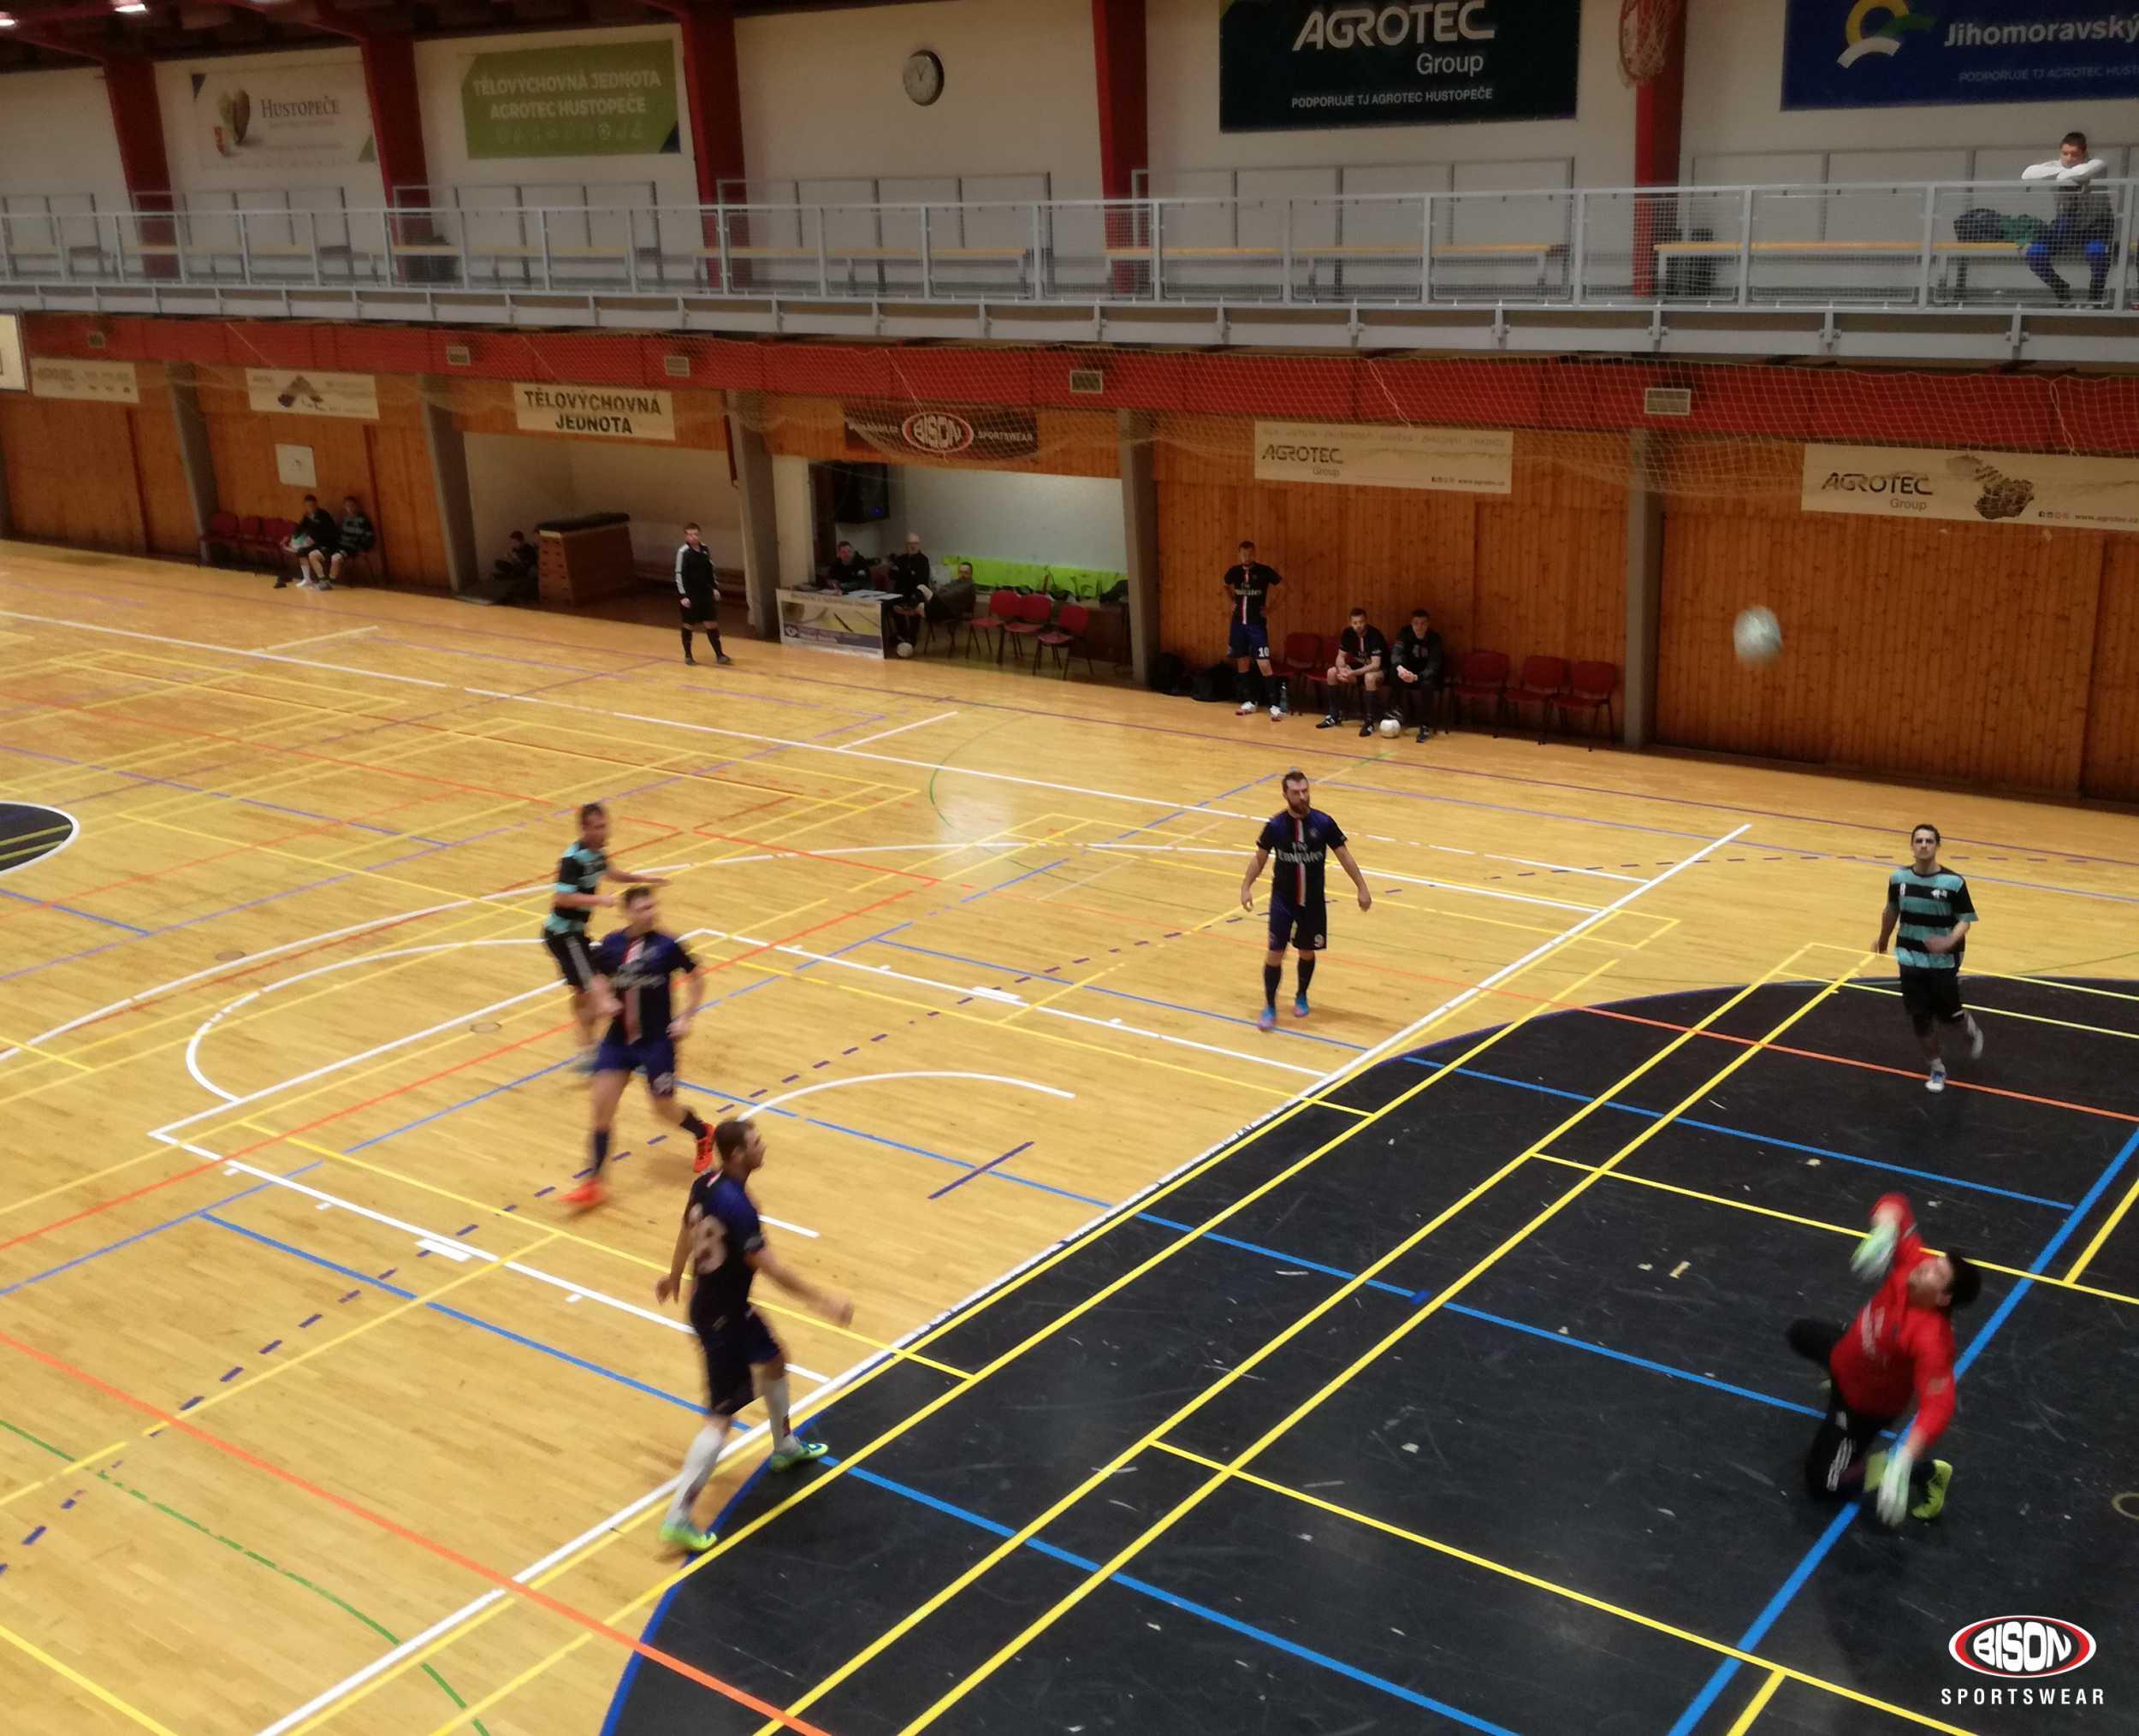 Futsalový turnaj podporovaný Bison Sportswear.